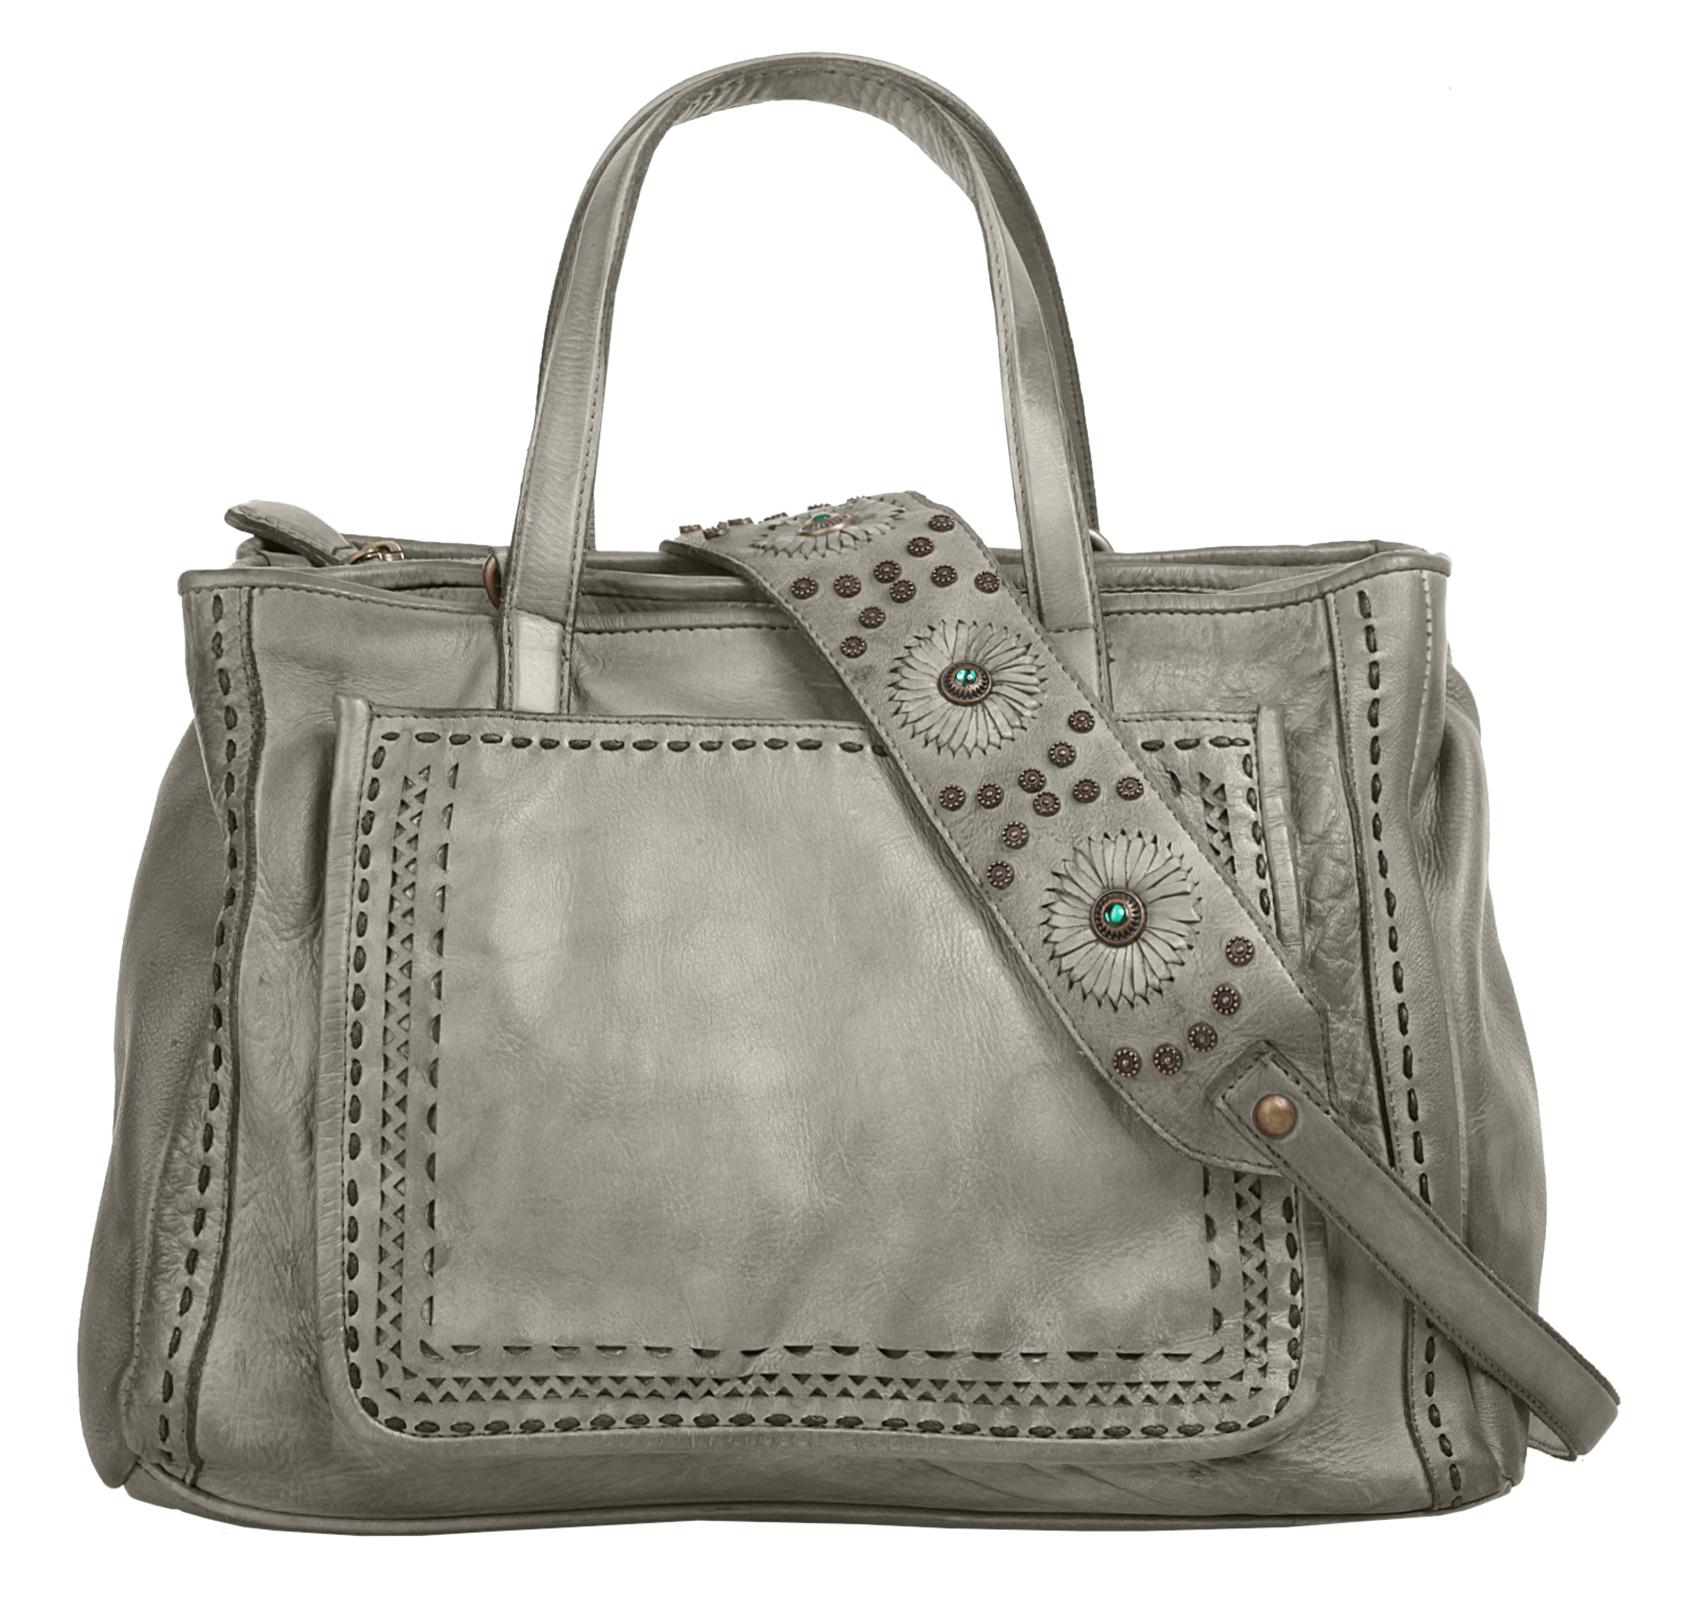 Samantha Look Handtasche in grau günstig kaufen